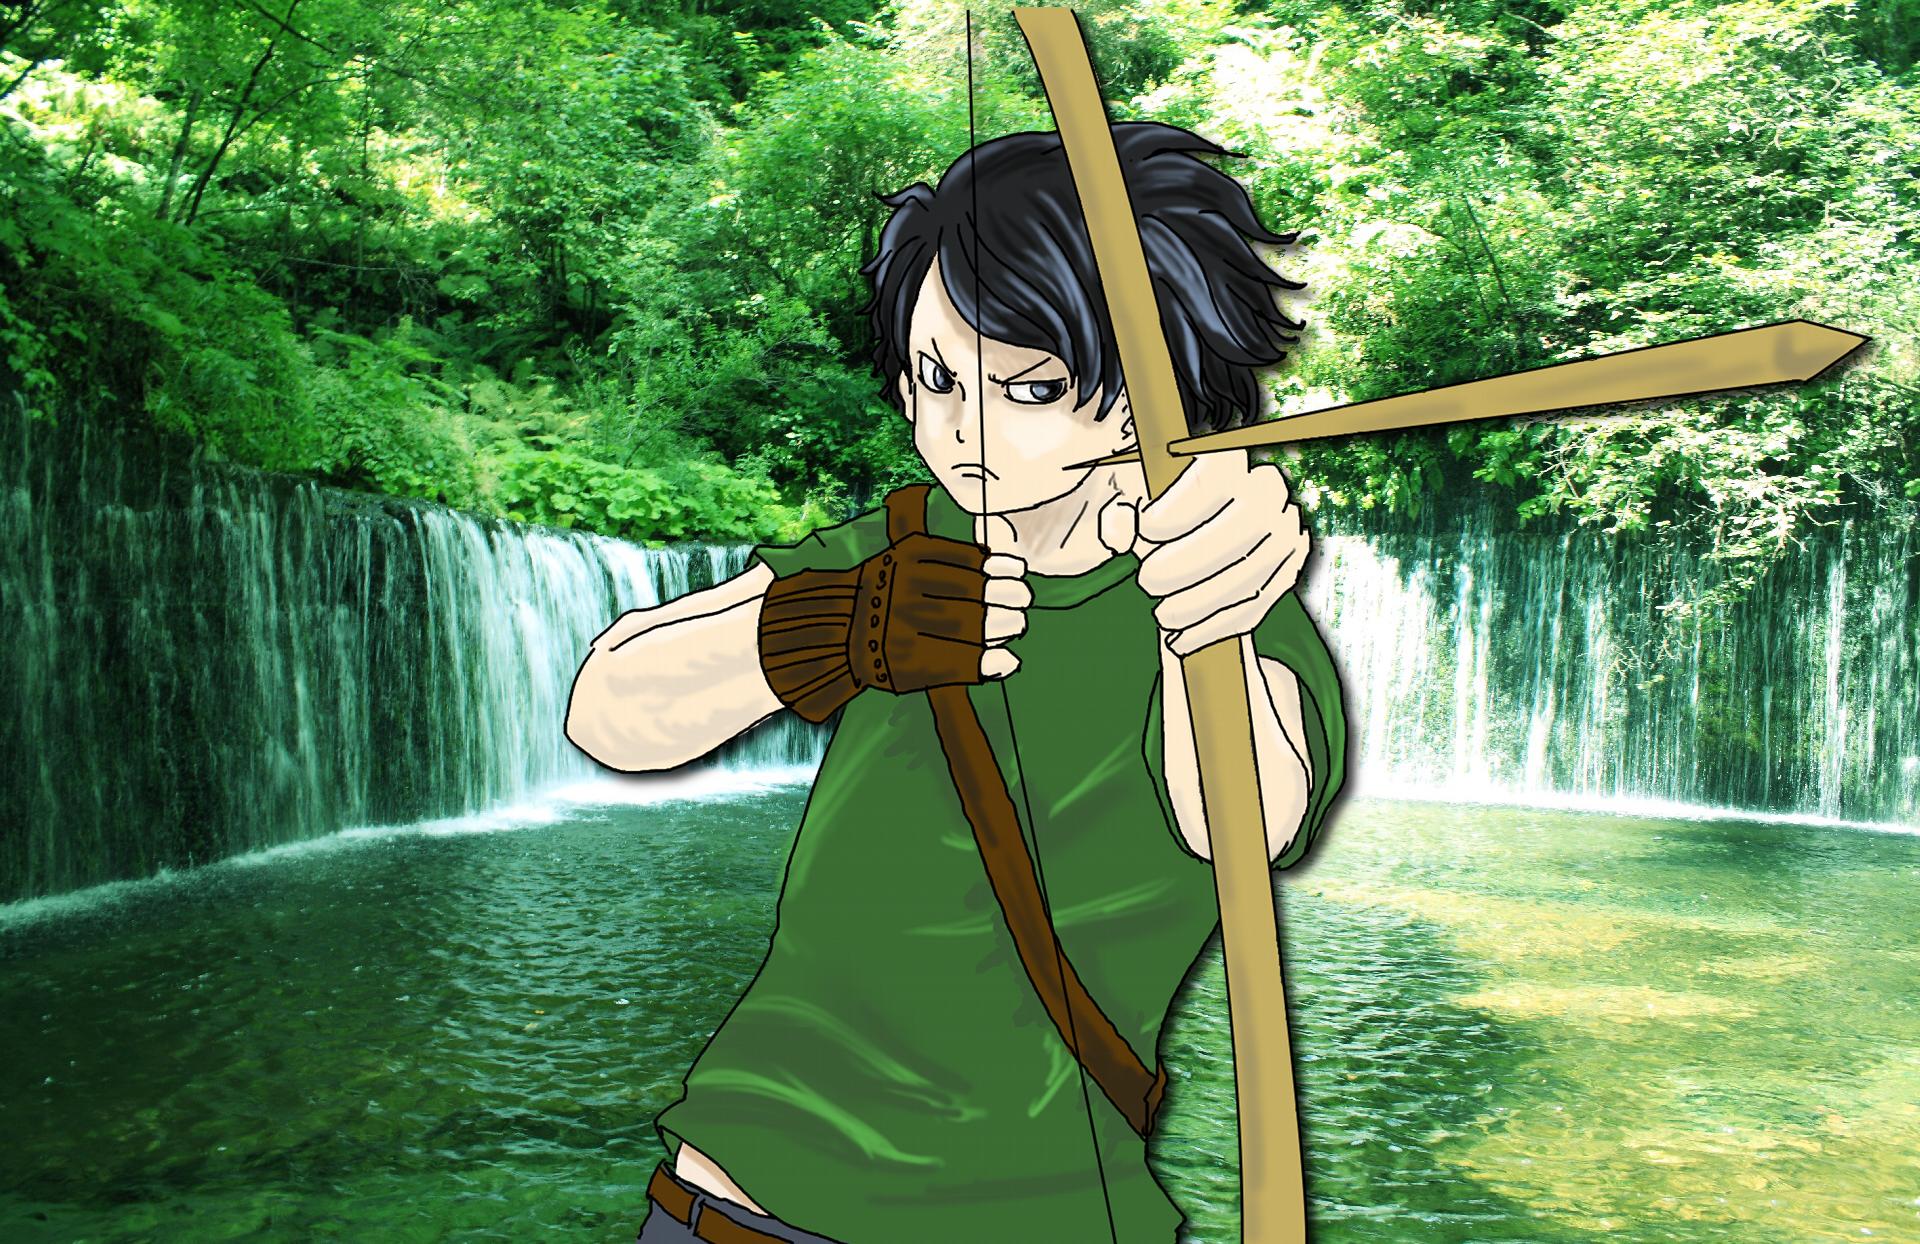 弓矢をもつ青年